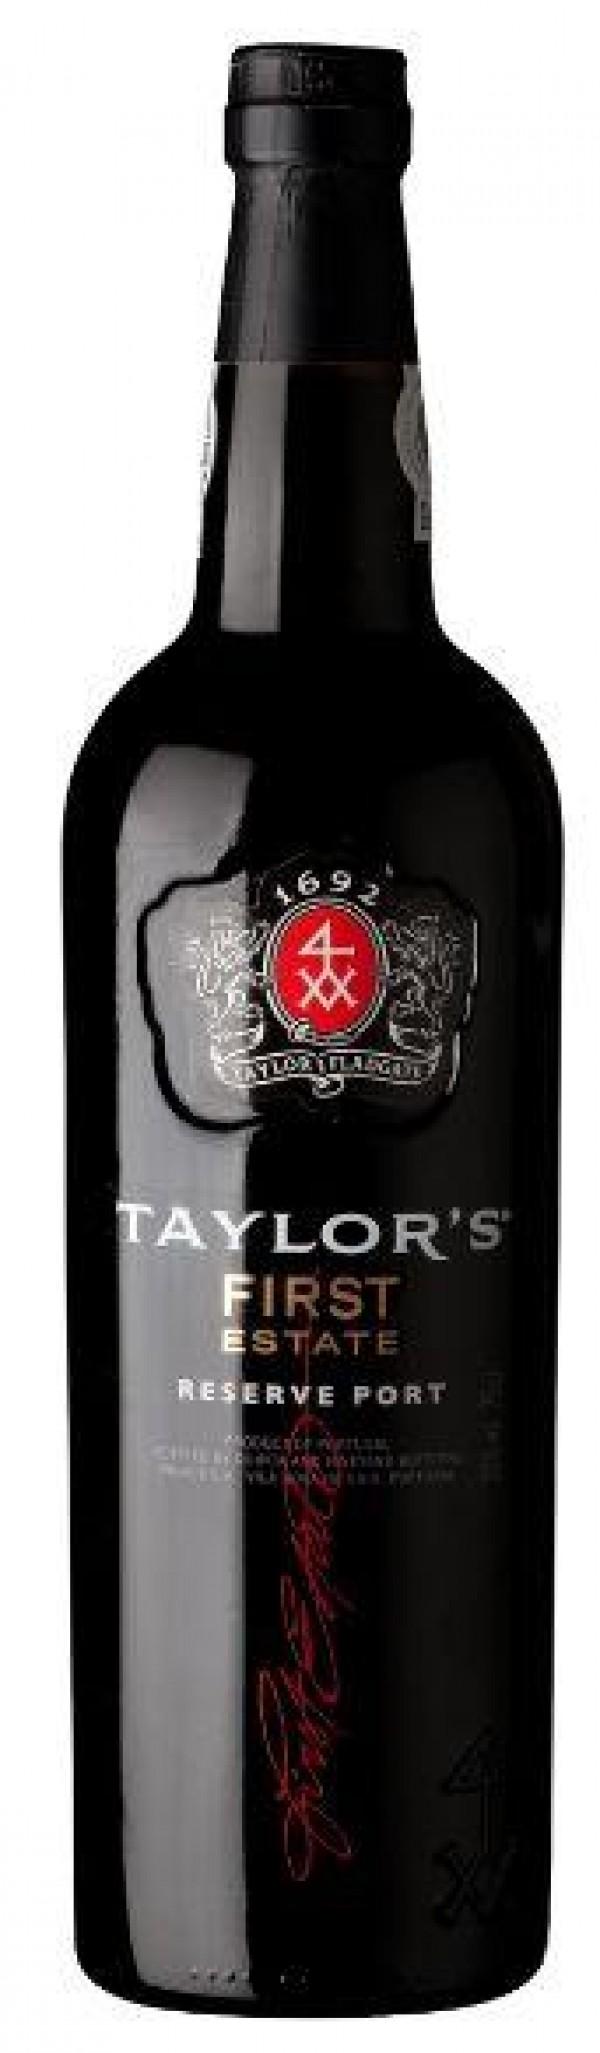 Taylor Fladgate Porto First Estate Reserve